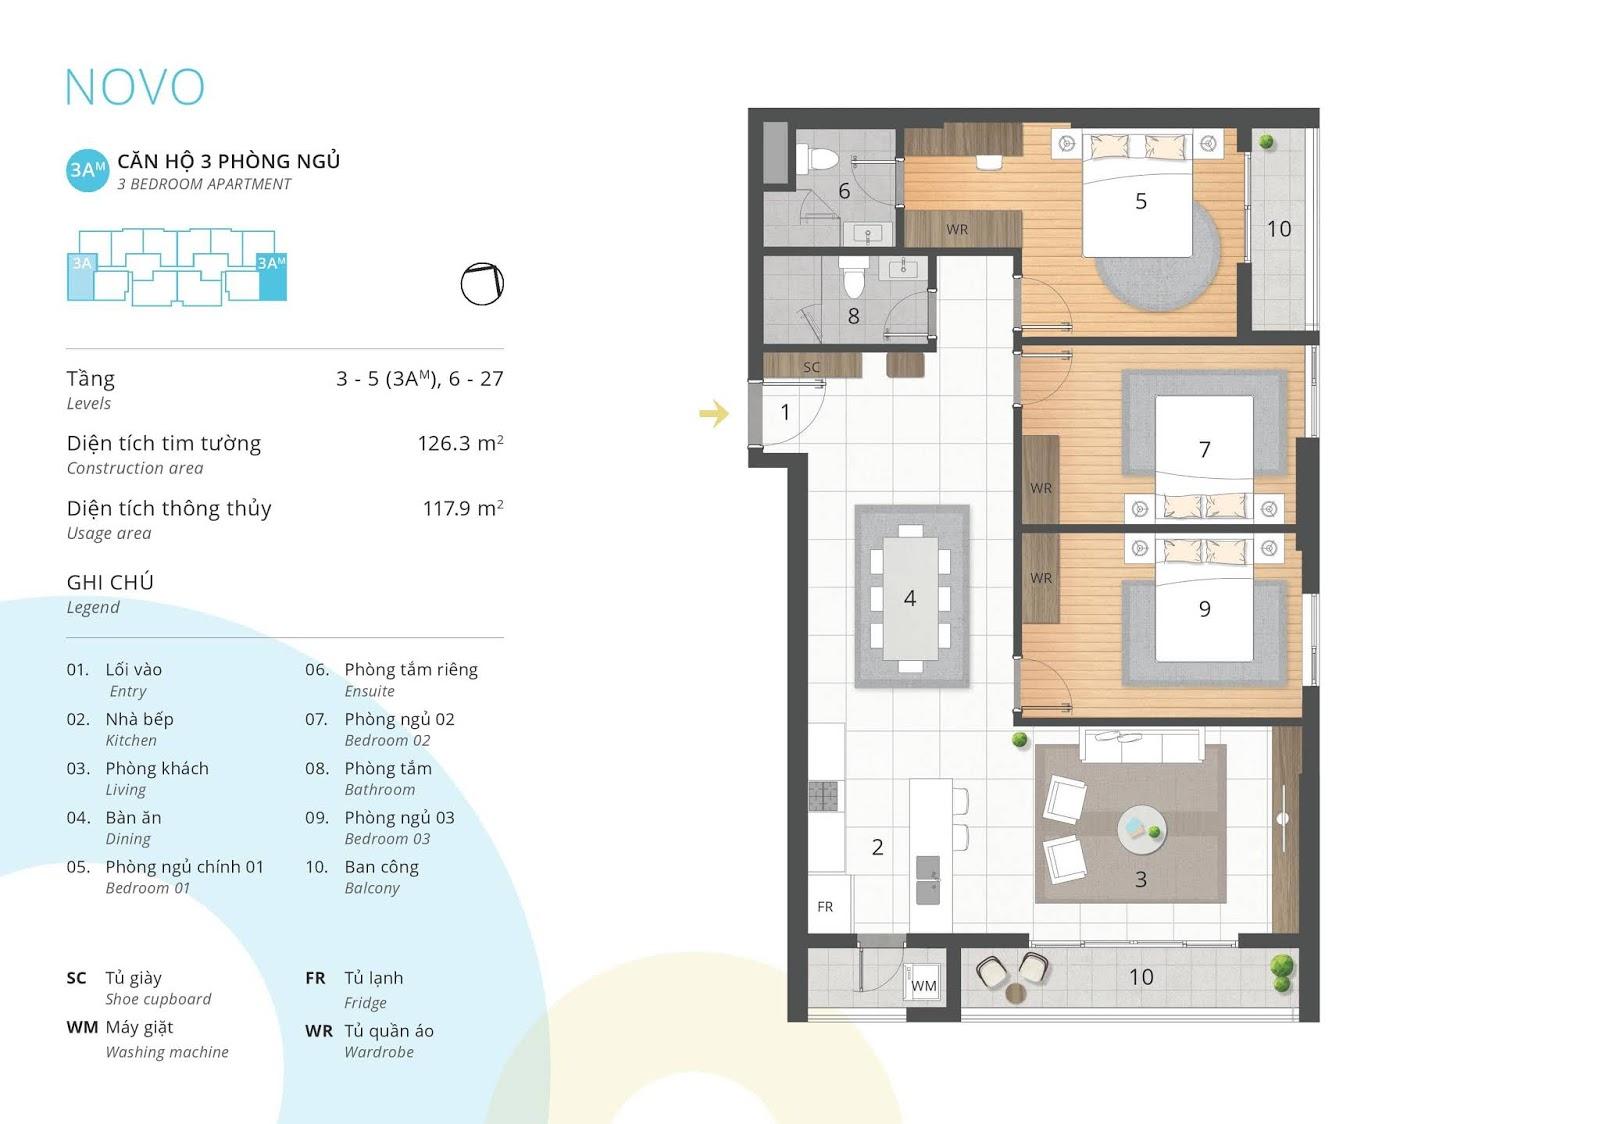 Mặt bằng căn hộ 3 phòng ngủ 117 m2 thông thủy tòa NOVO dự án Kosmo